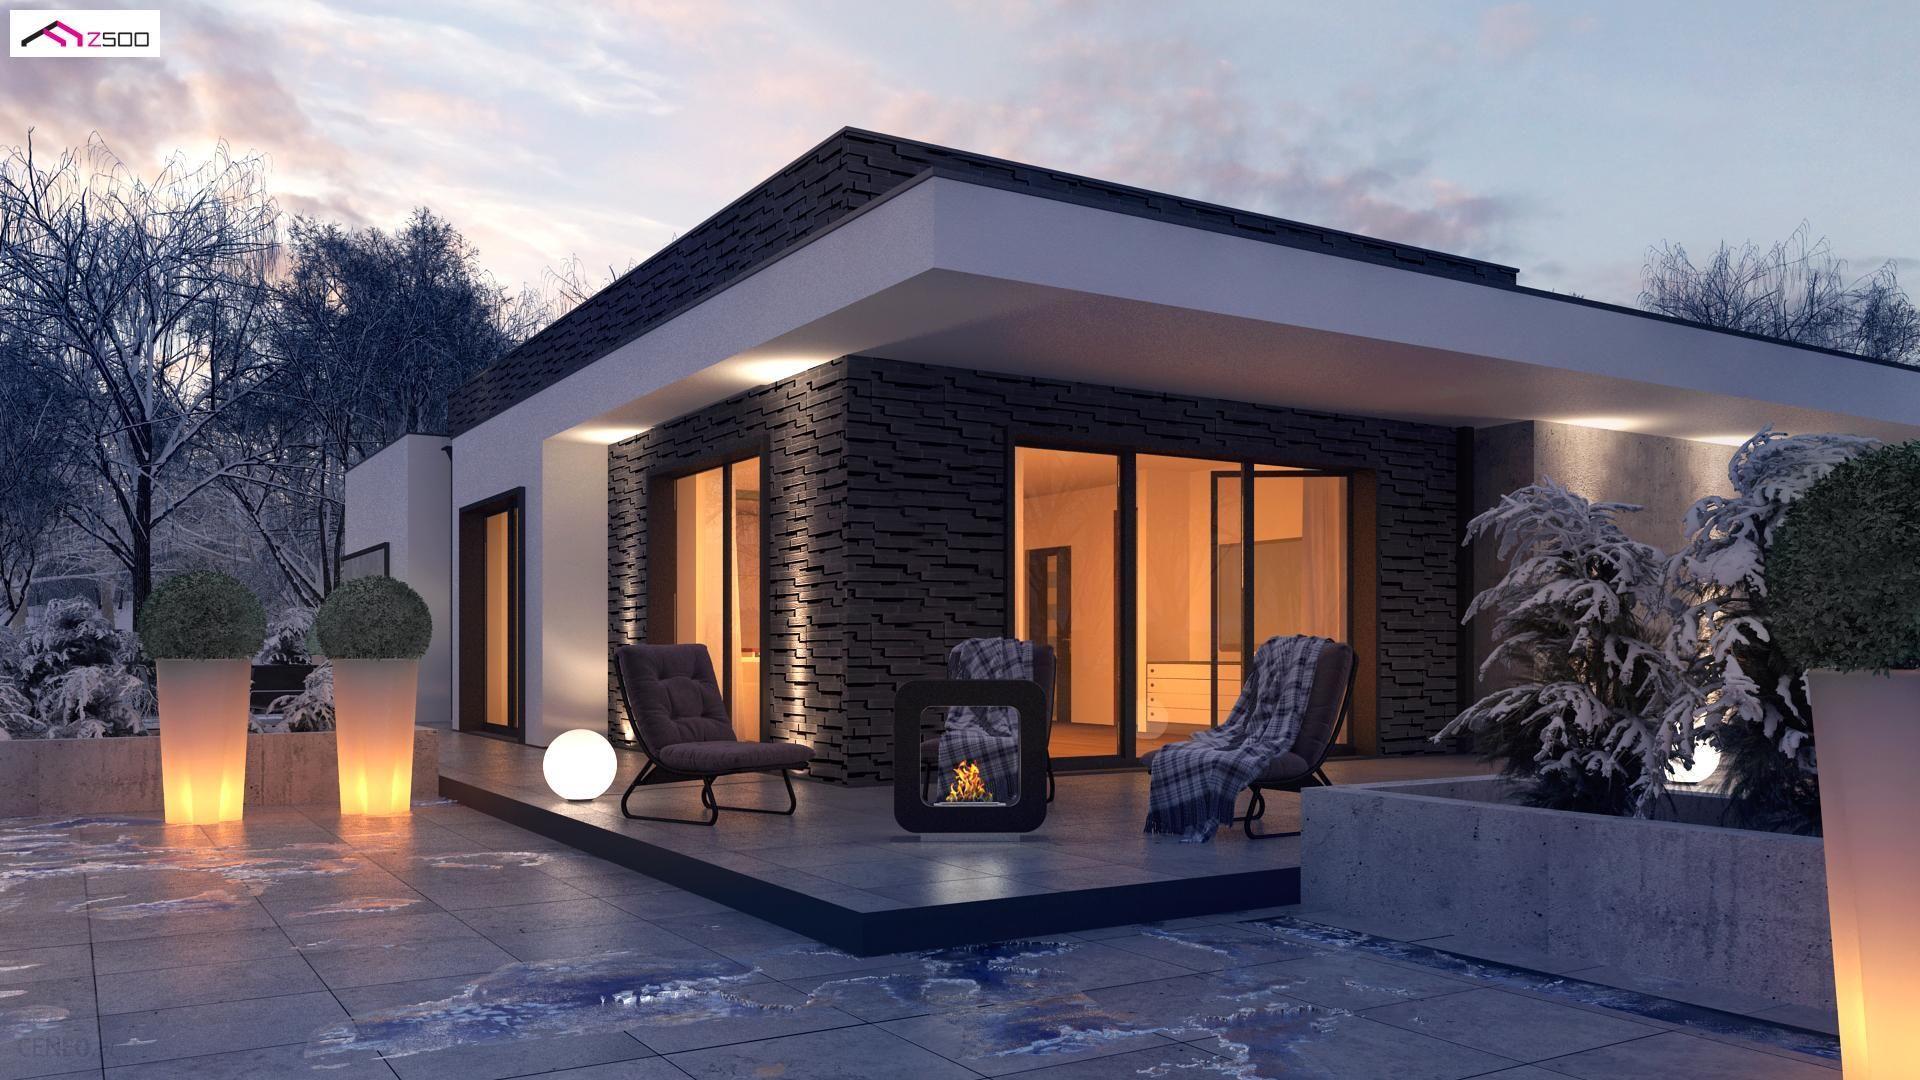 Projekt domu Zx96 Nowoczesny dom parterowy z odwróconym układem pomieszczeń  oraz garażem. - Opinie i ceny na Ceneo.pl